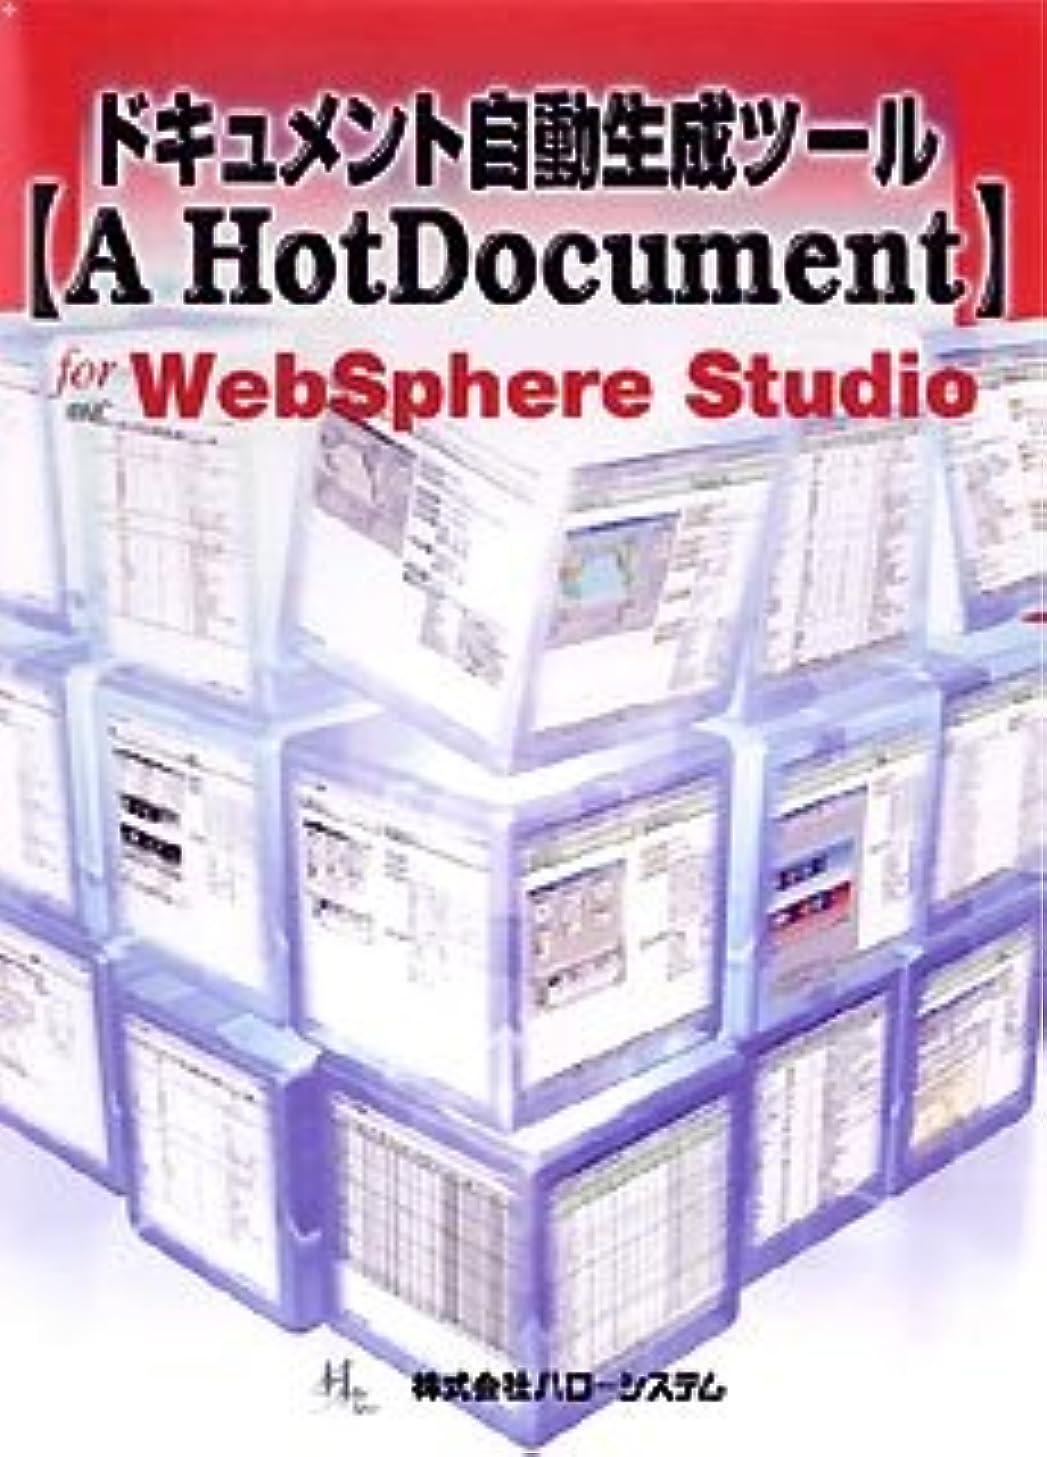 ガレージ穿孔する居住者ドキュメント自動生成ツール【A HotDocument】 for WebSphere Studio